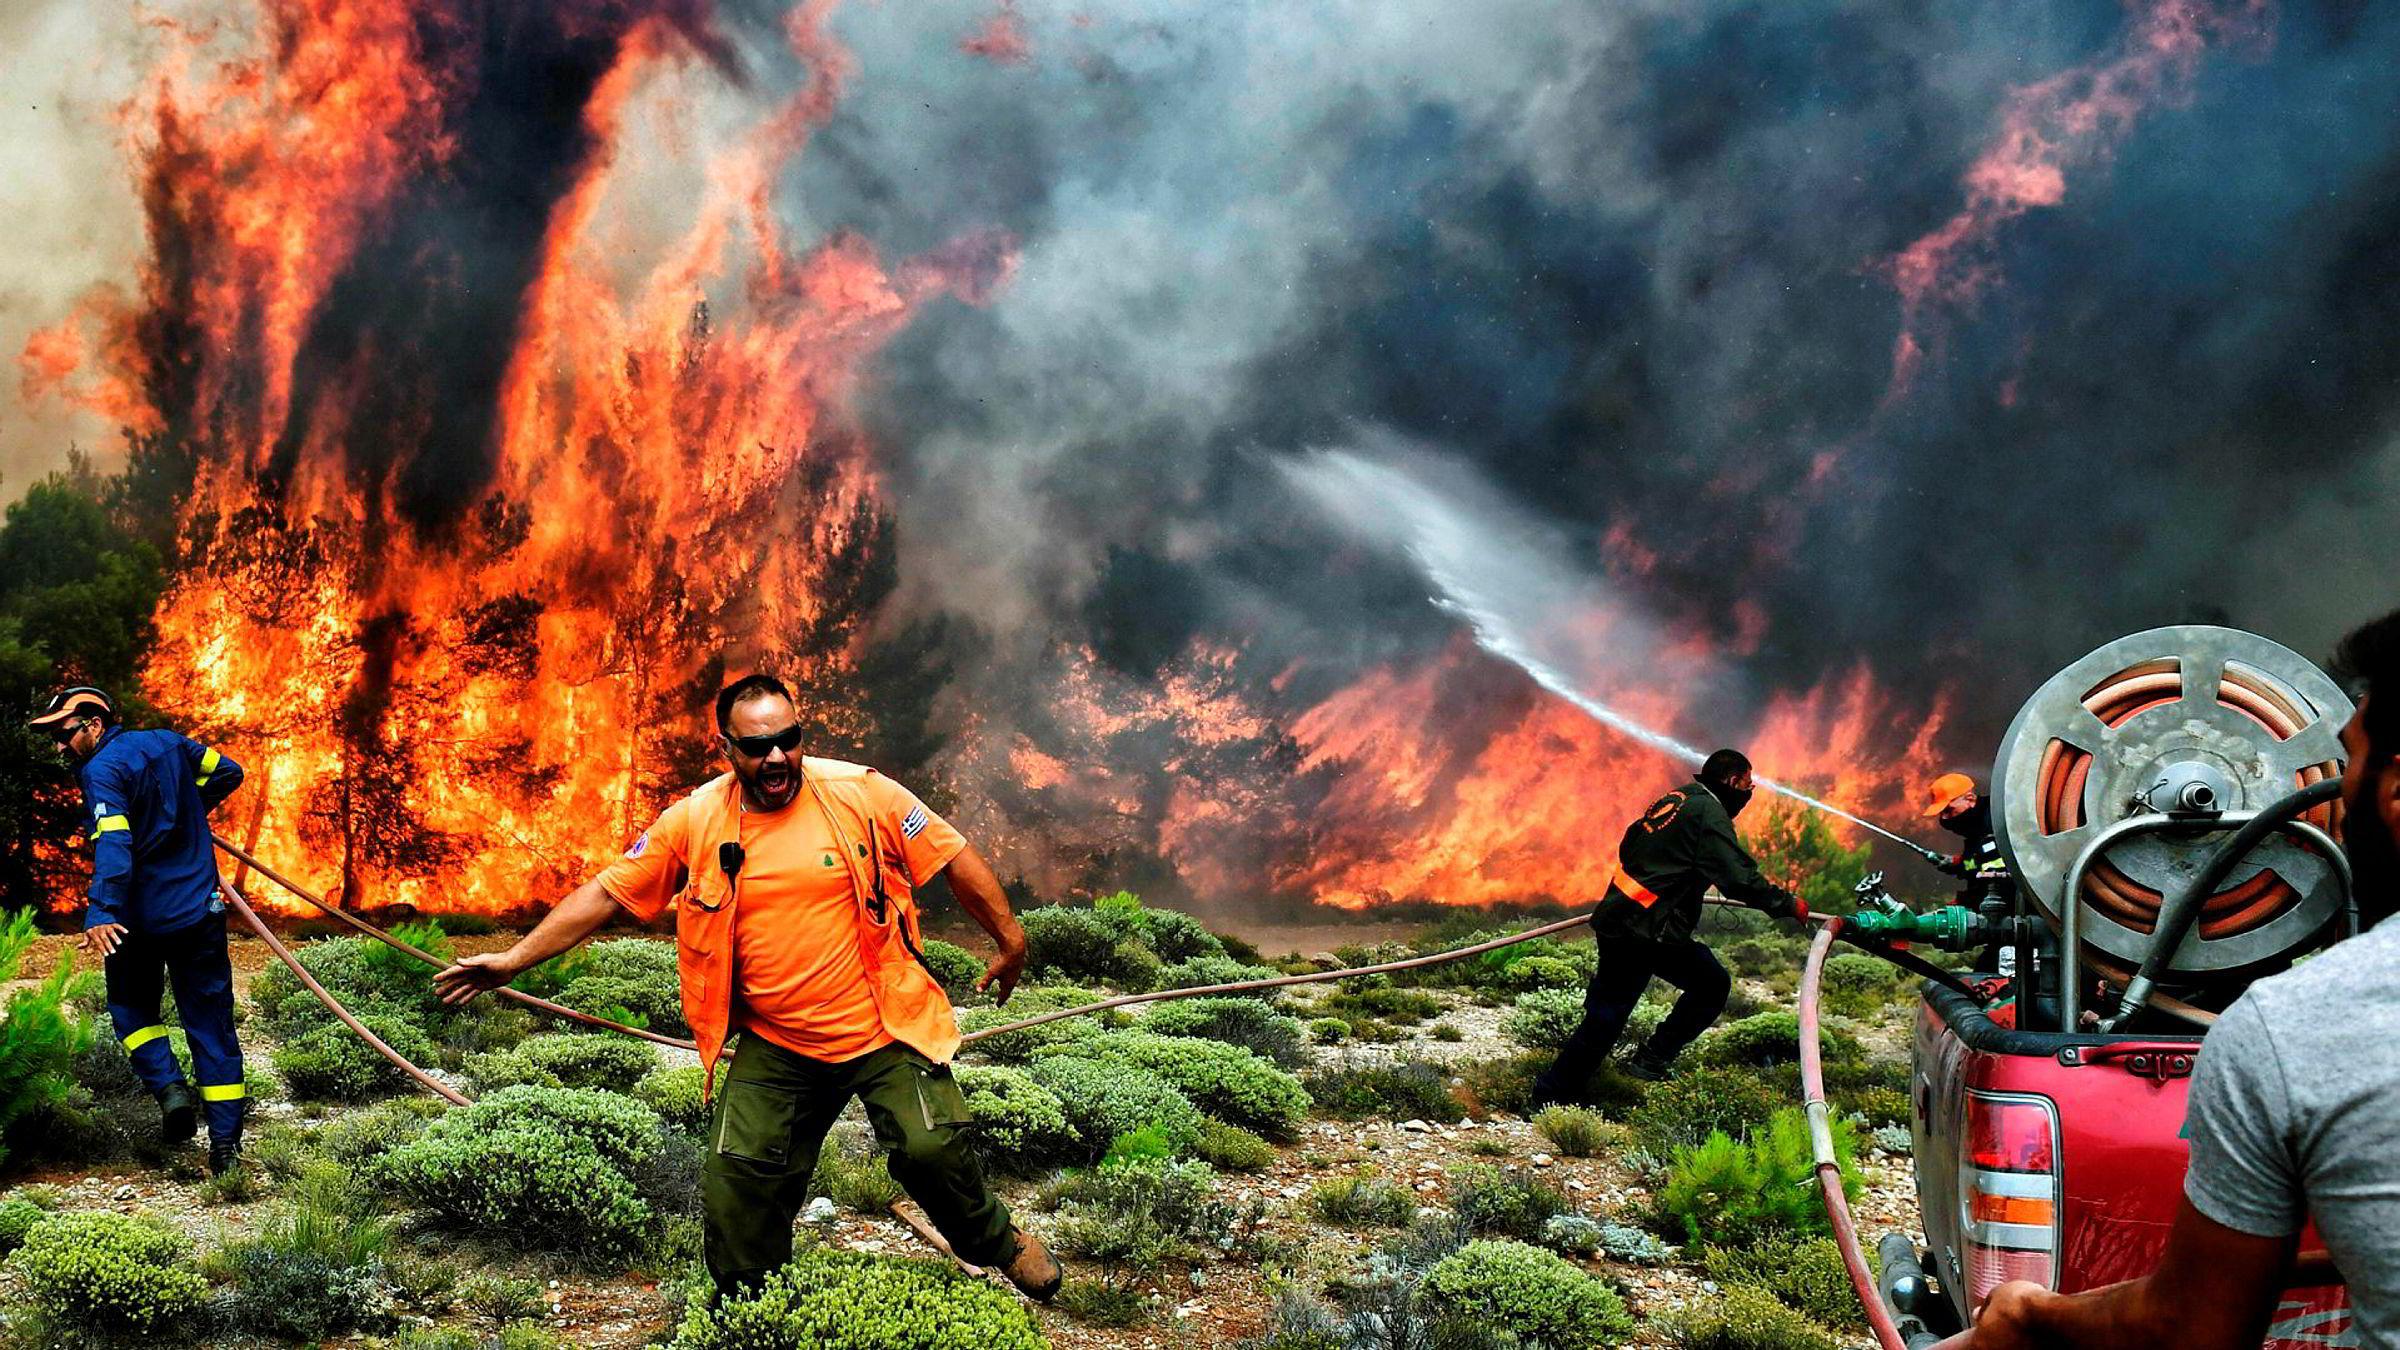 Den greske diskusjonen er i gang om hvordan brannene kunne bli så dødelige, og det er fremholdt at både rømningsruter og tilkomstveier var blokkert av bygninger som var reist ulovlig uten plan og byggetillatelse.